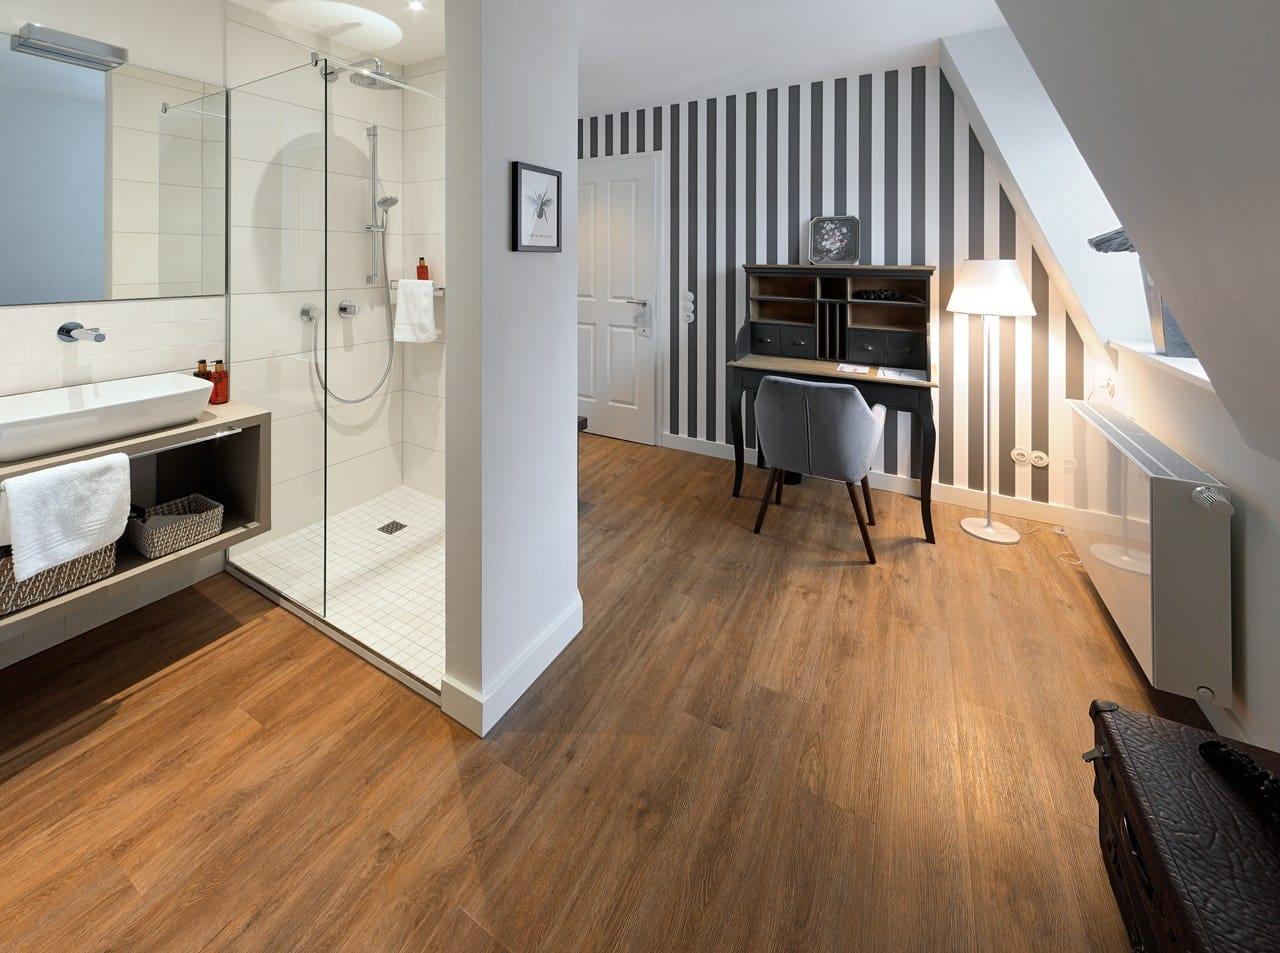 Hotelzimmer als Vorbild für perfekte Gestaltung auf kleinem Raum.